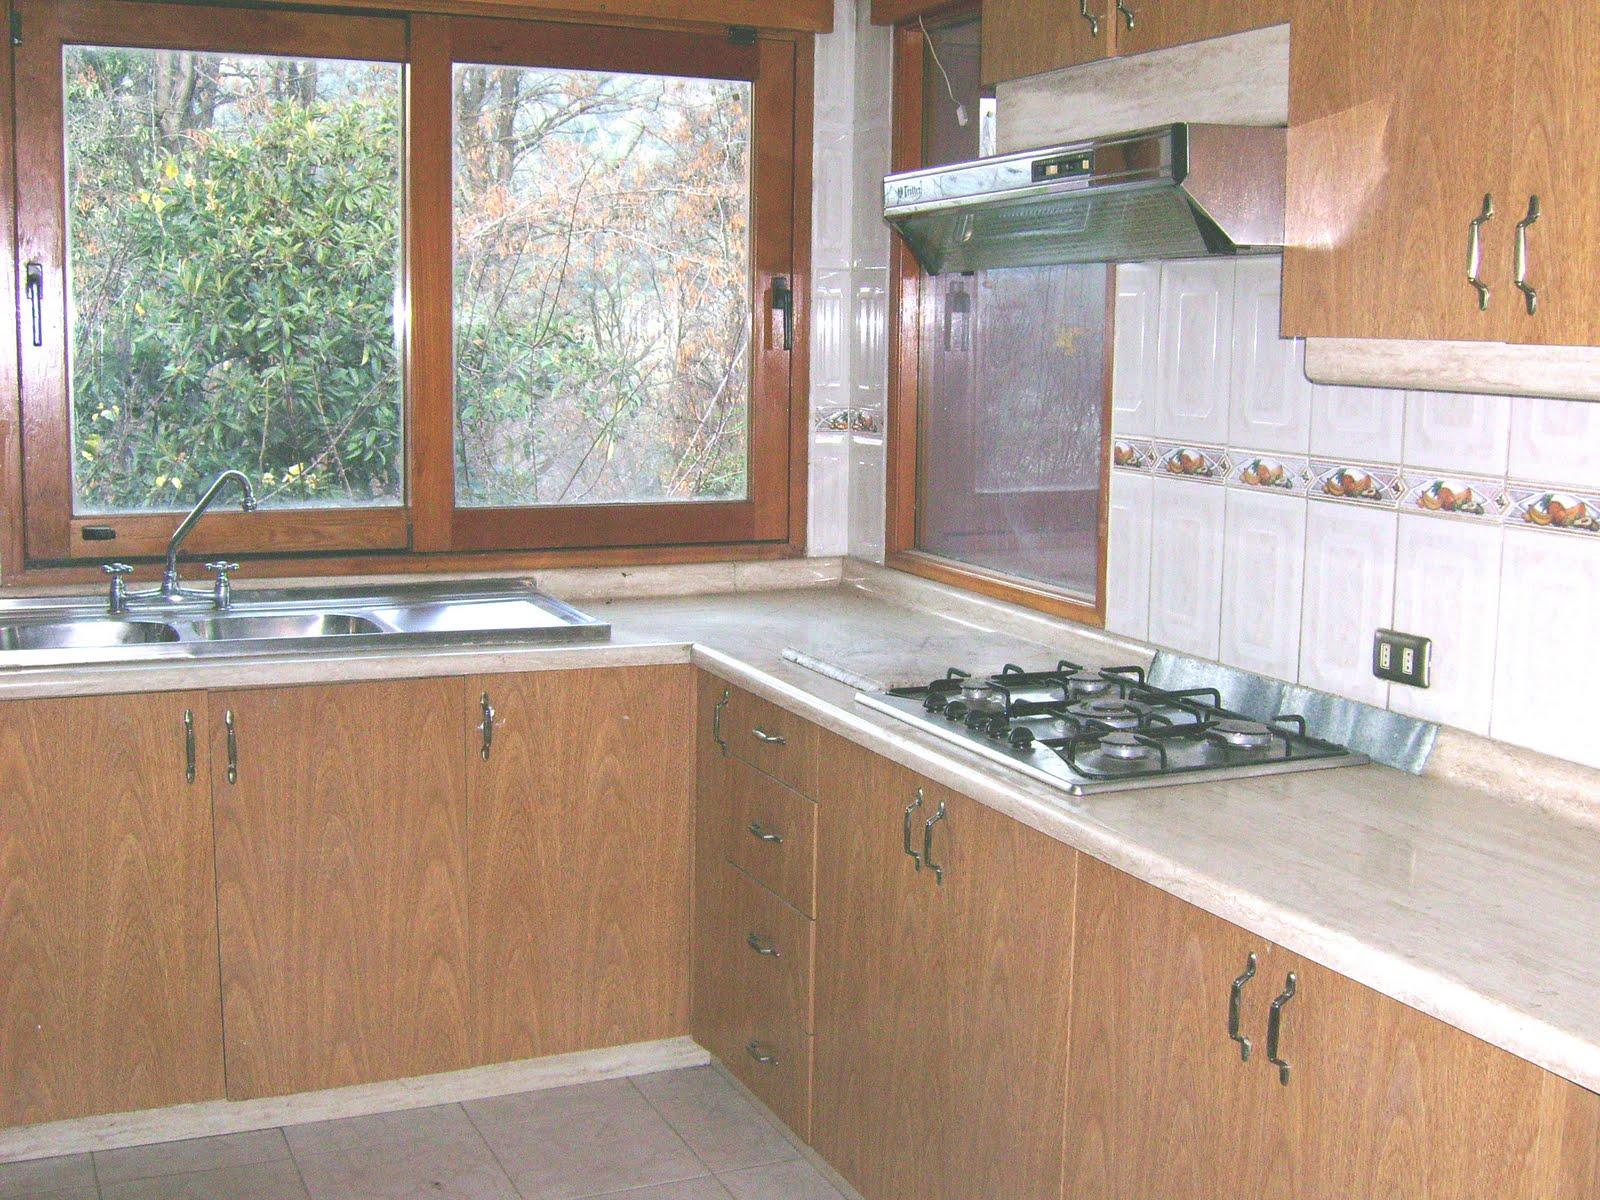 Vendo mi casa cocina y muebles for Ceramica de cocina